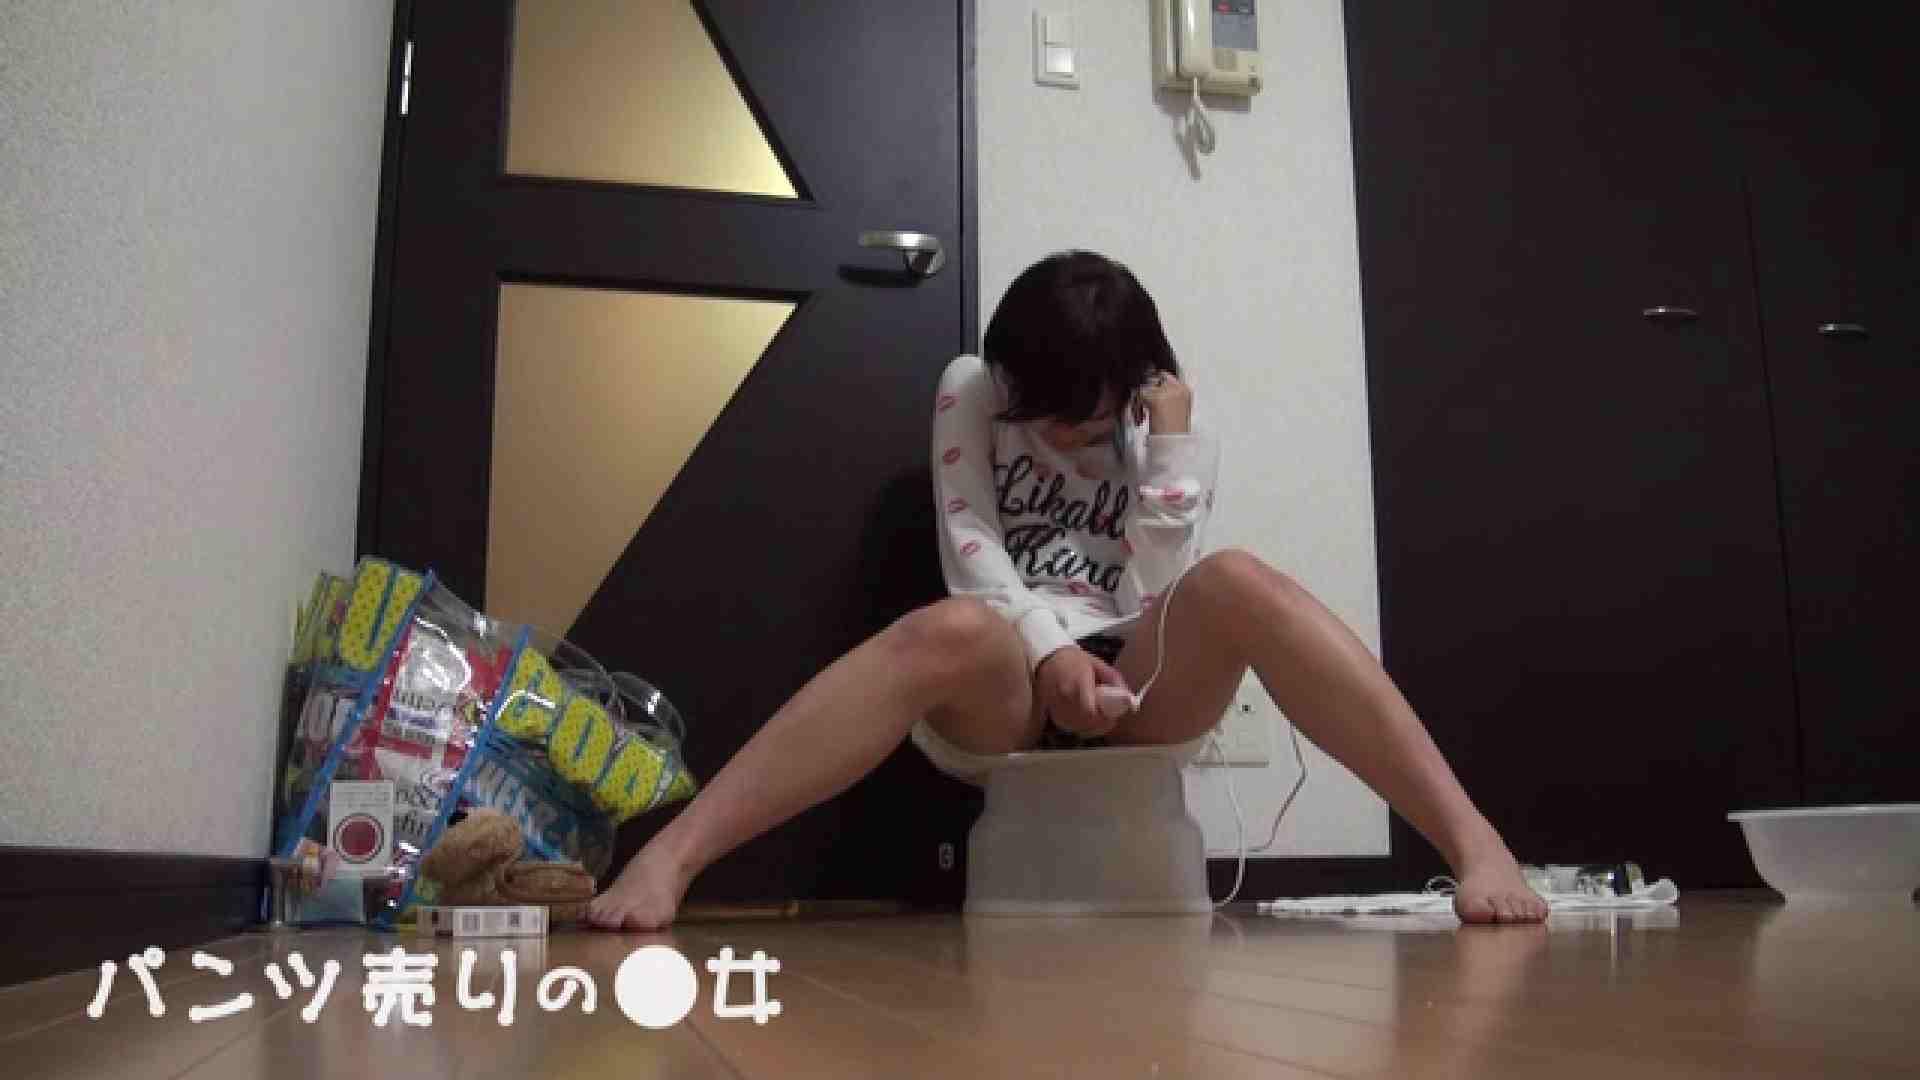 新説 パンツ売りの女の子nana マンコ   盗撮  63pic 43